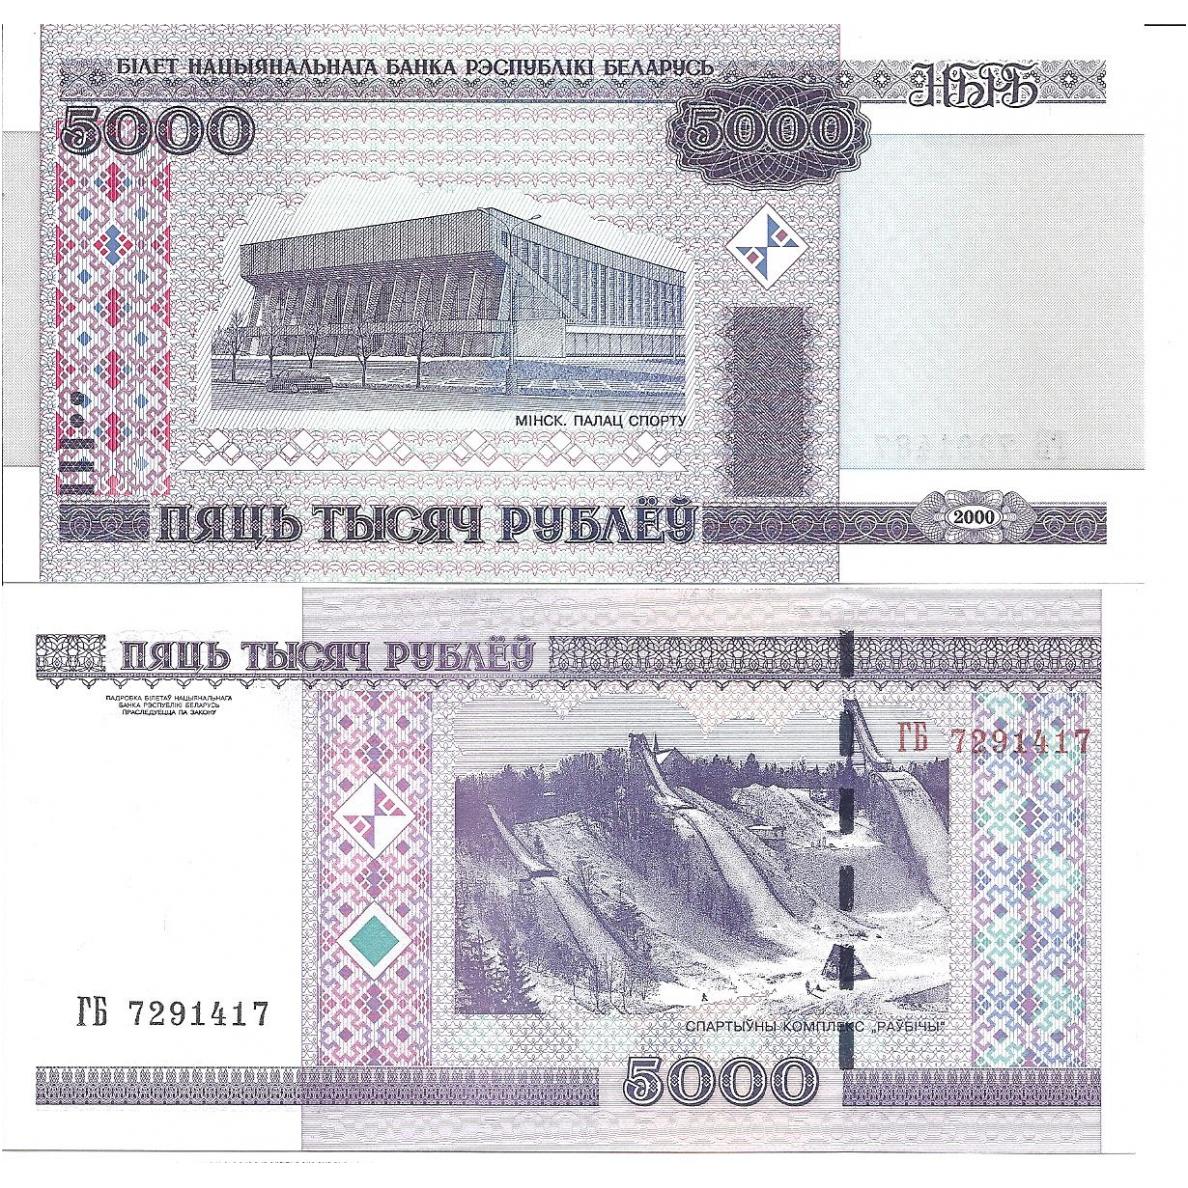 2011 P-29b Belarus 5000 Rubles UNC 2000